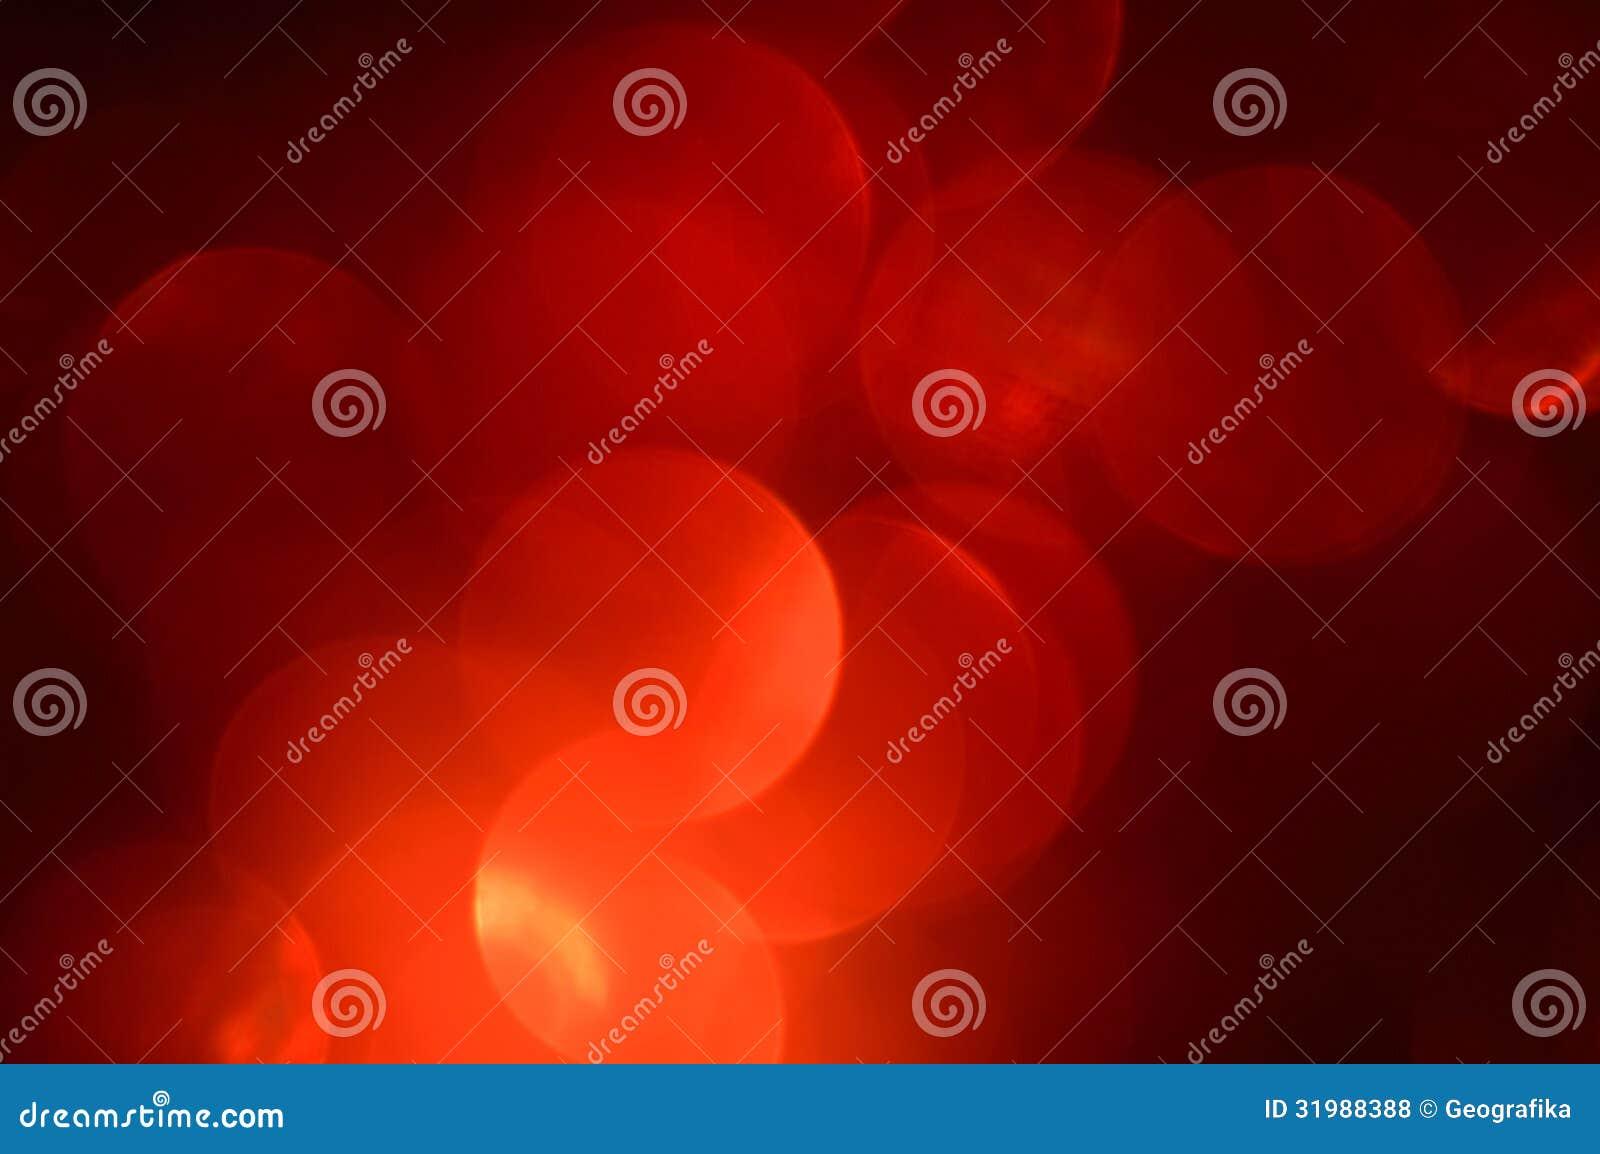 Borrado, fundo das luzes vermelhas do bokeh. Sparkles do sumário